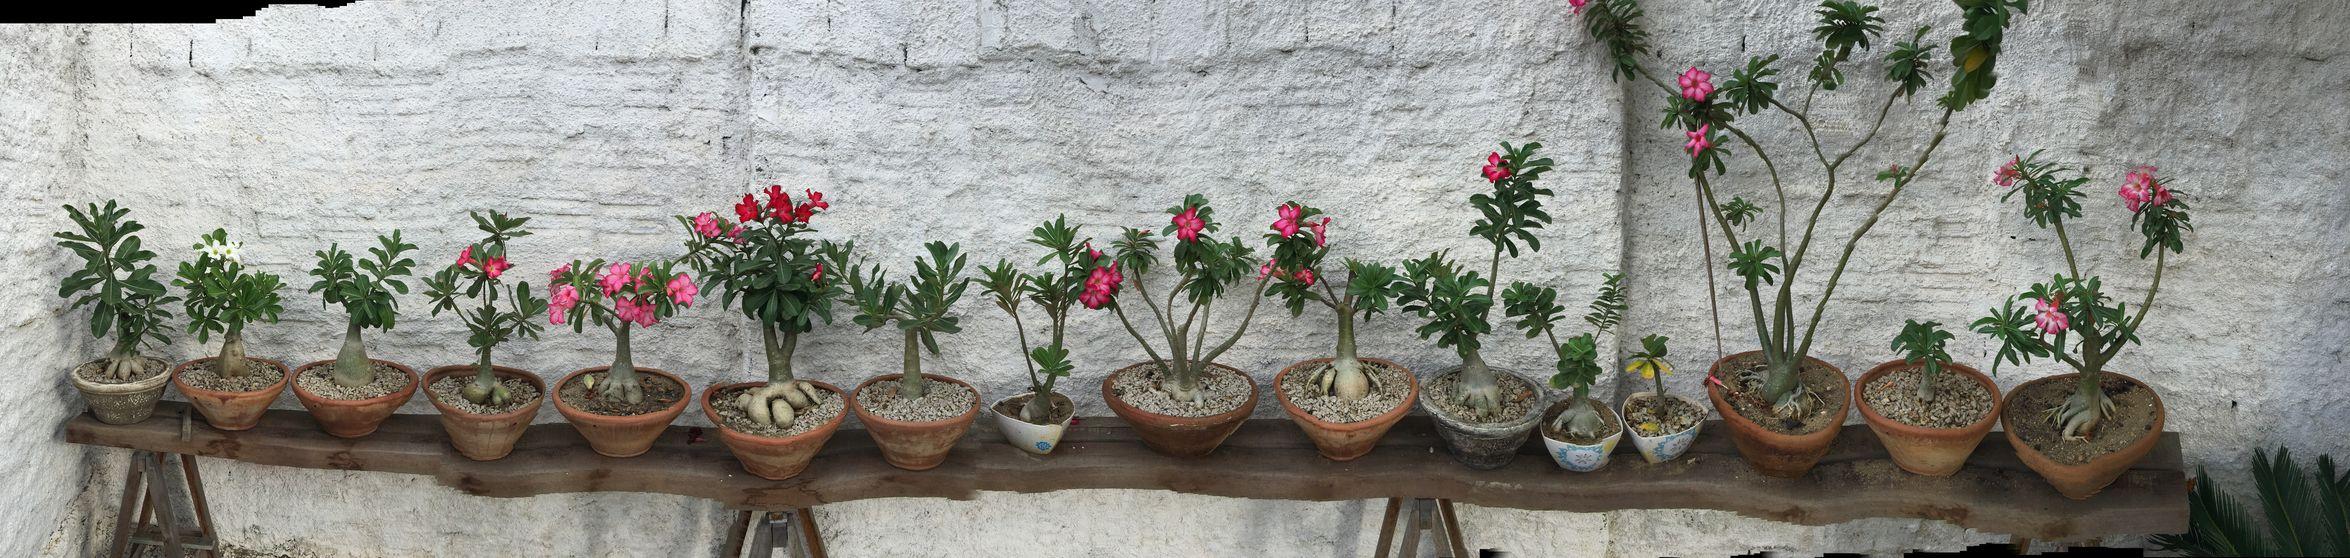 Flower Flowers,Plants & Garden Desertflower Flower Photography Nature